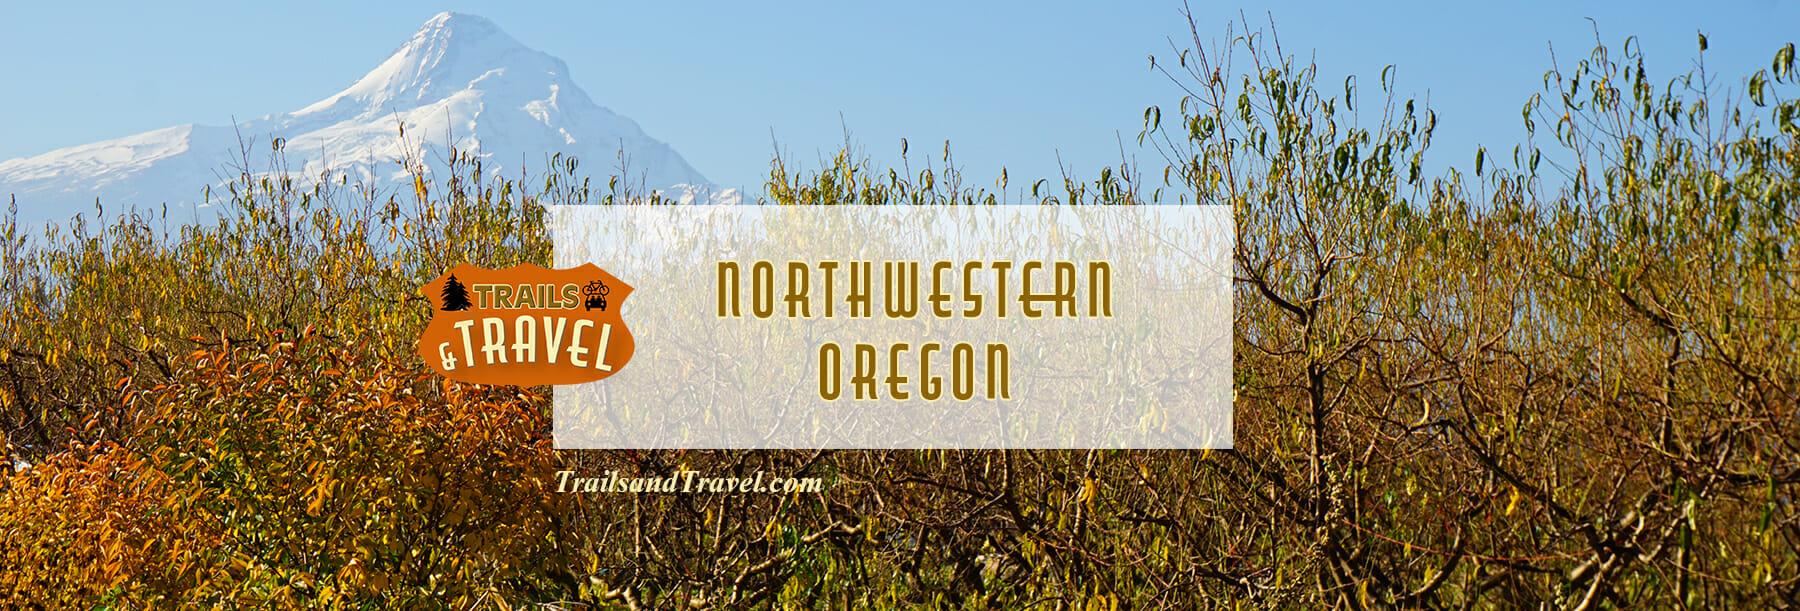 Northwestern Oregon in Fall